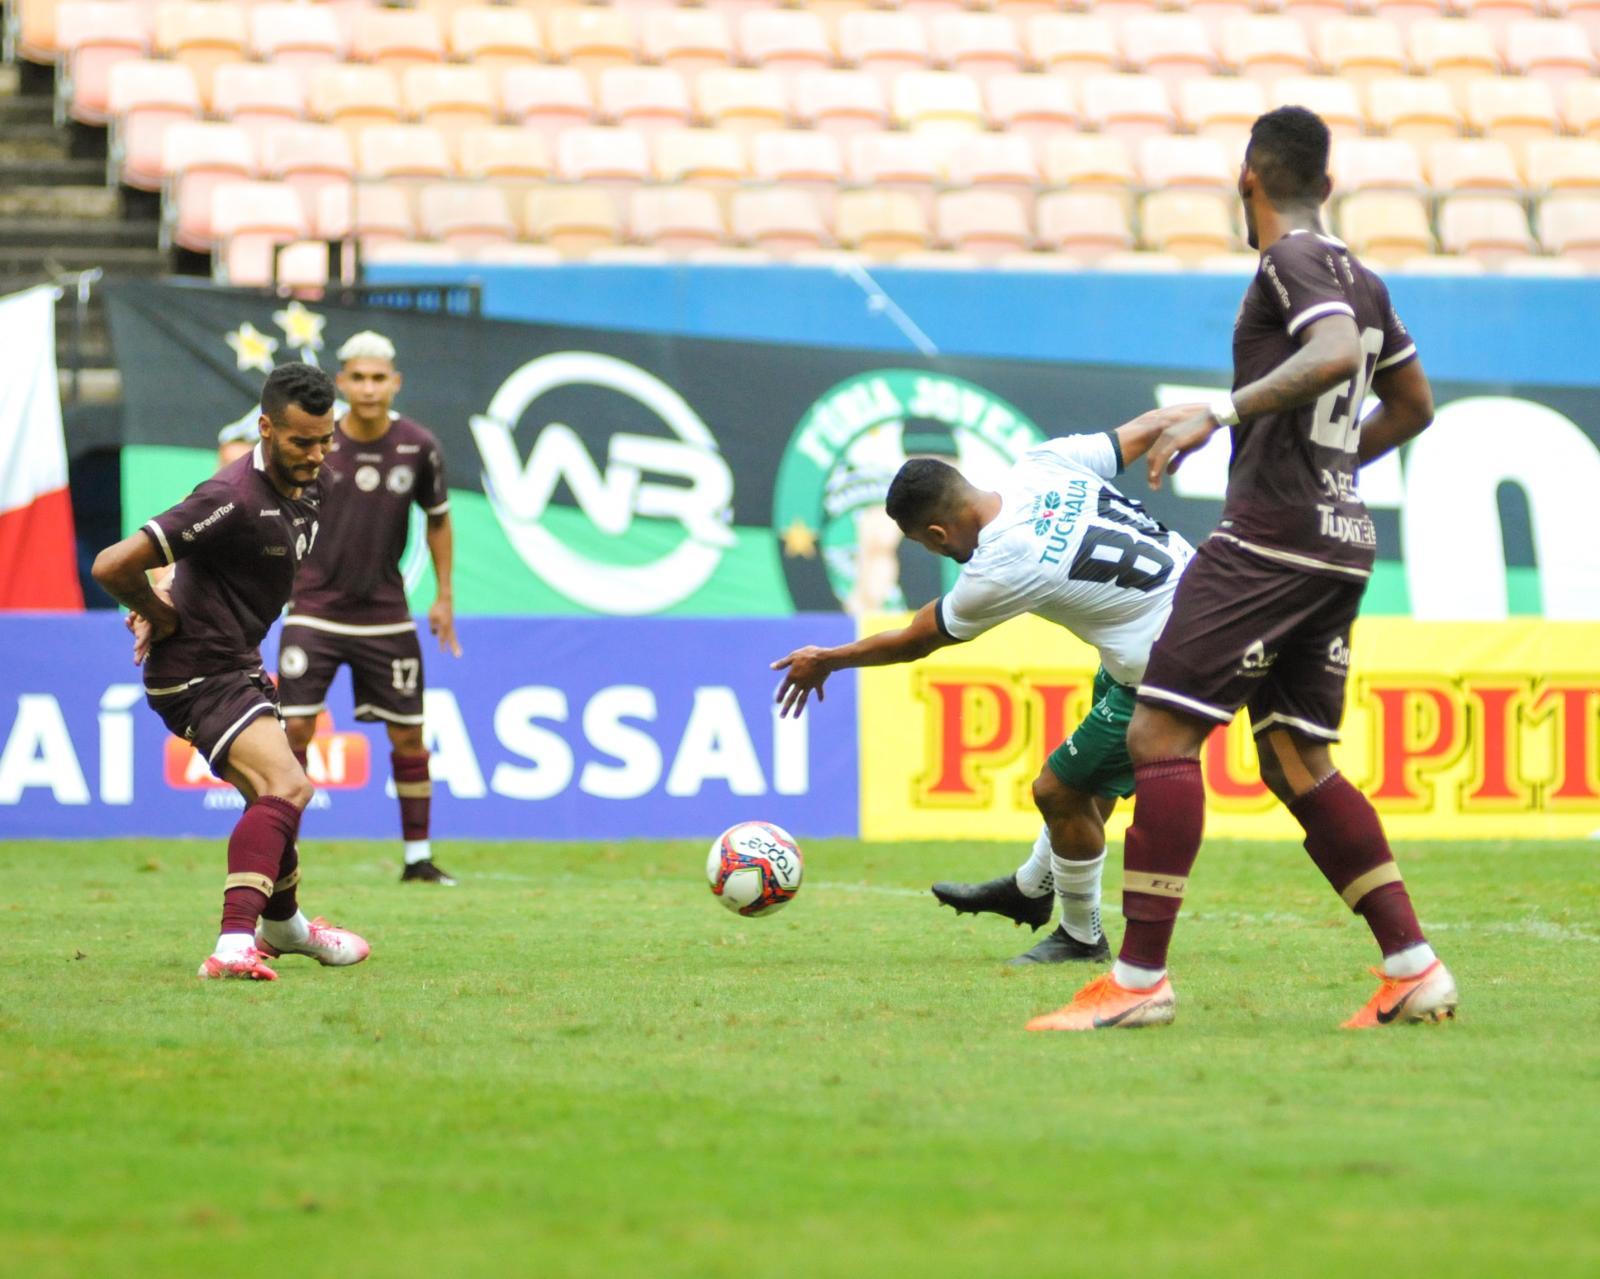 Manaus FC inicia preparação para duelo contra o Botafogo da Paraíba